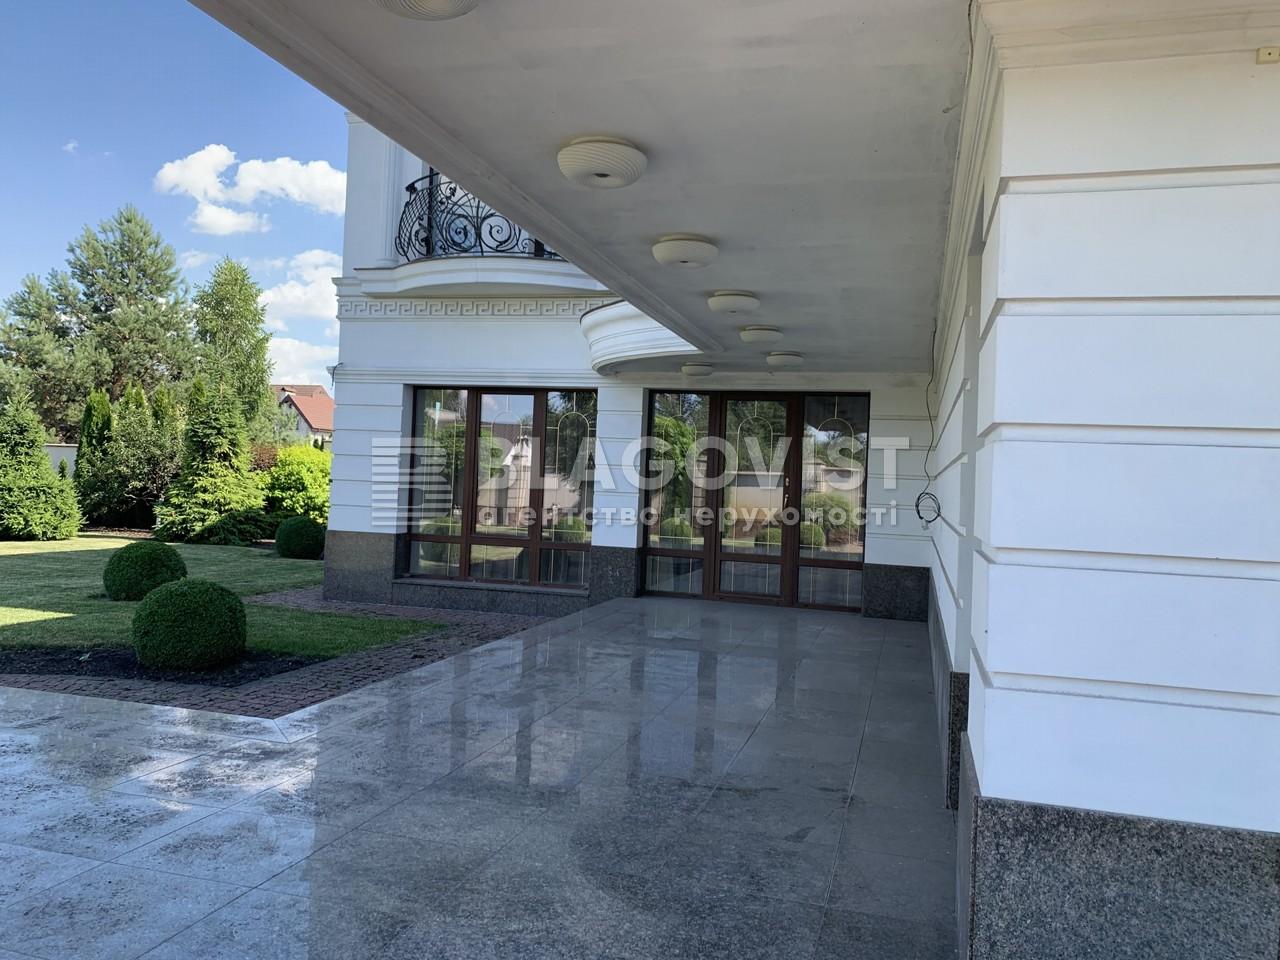 Дом P-23678, Дачная, Новые Безрадичи - Фото 31